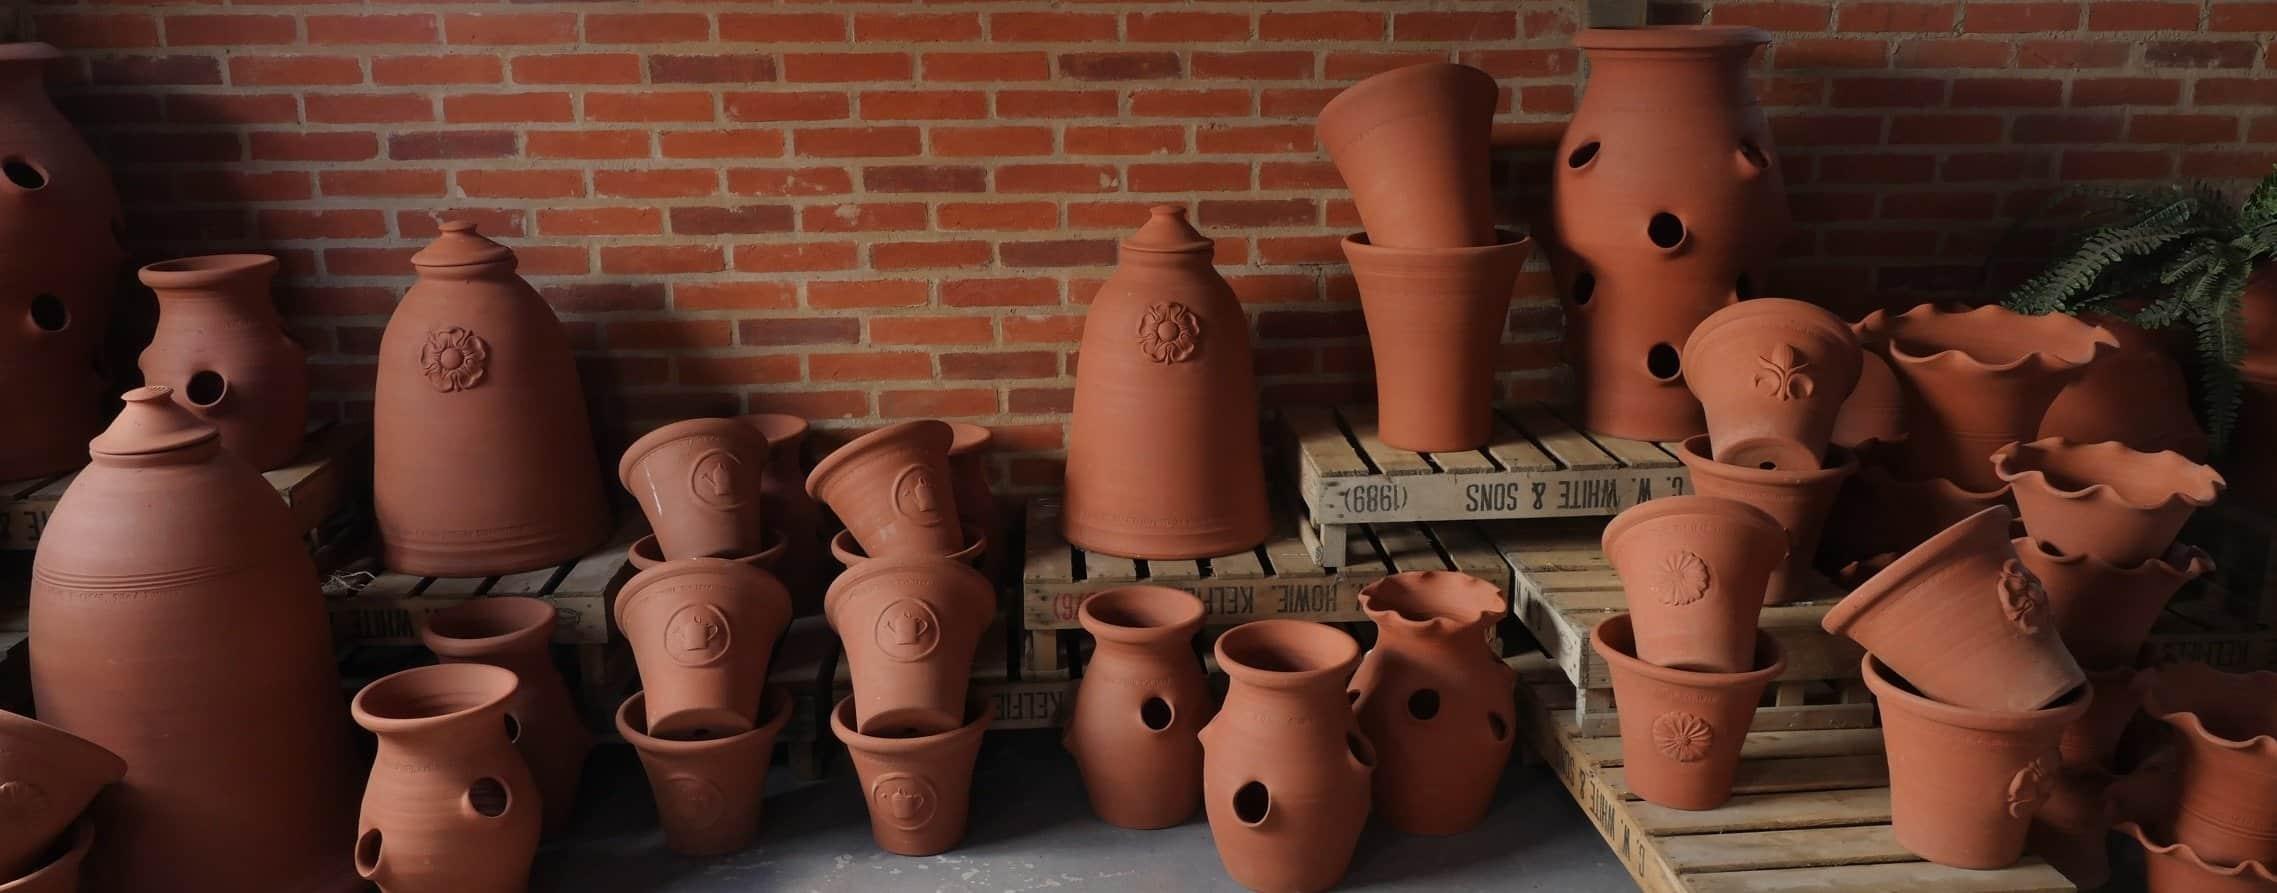 garden pottery range